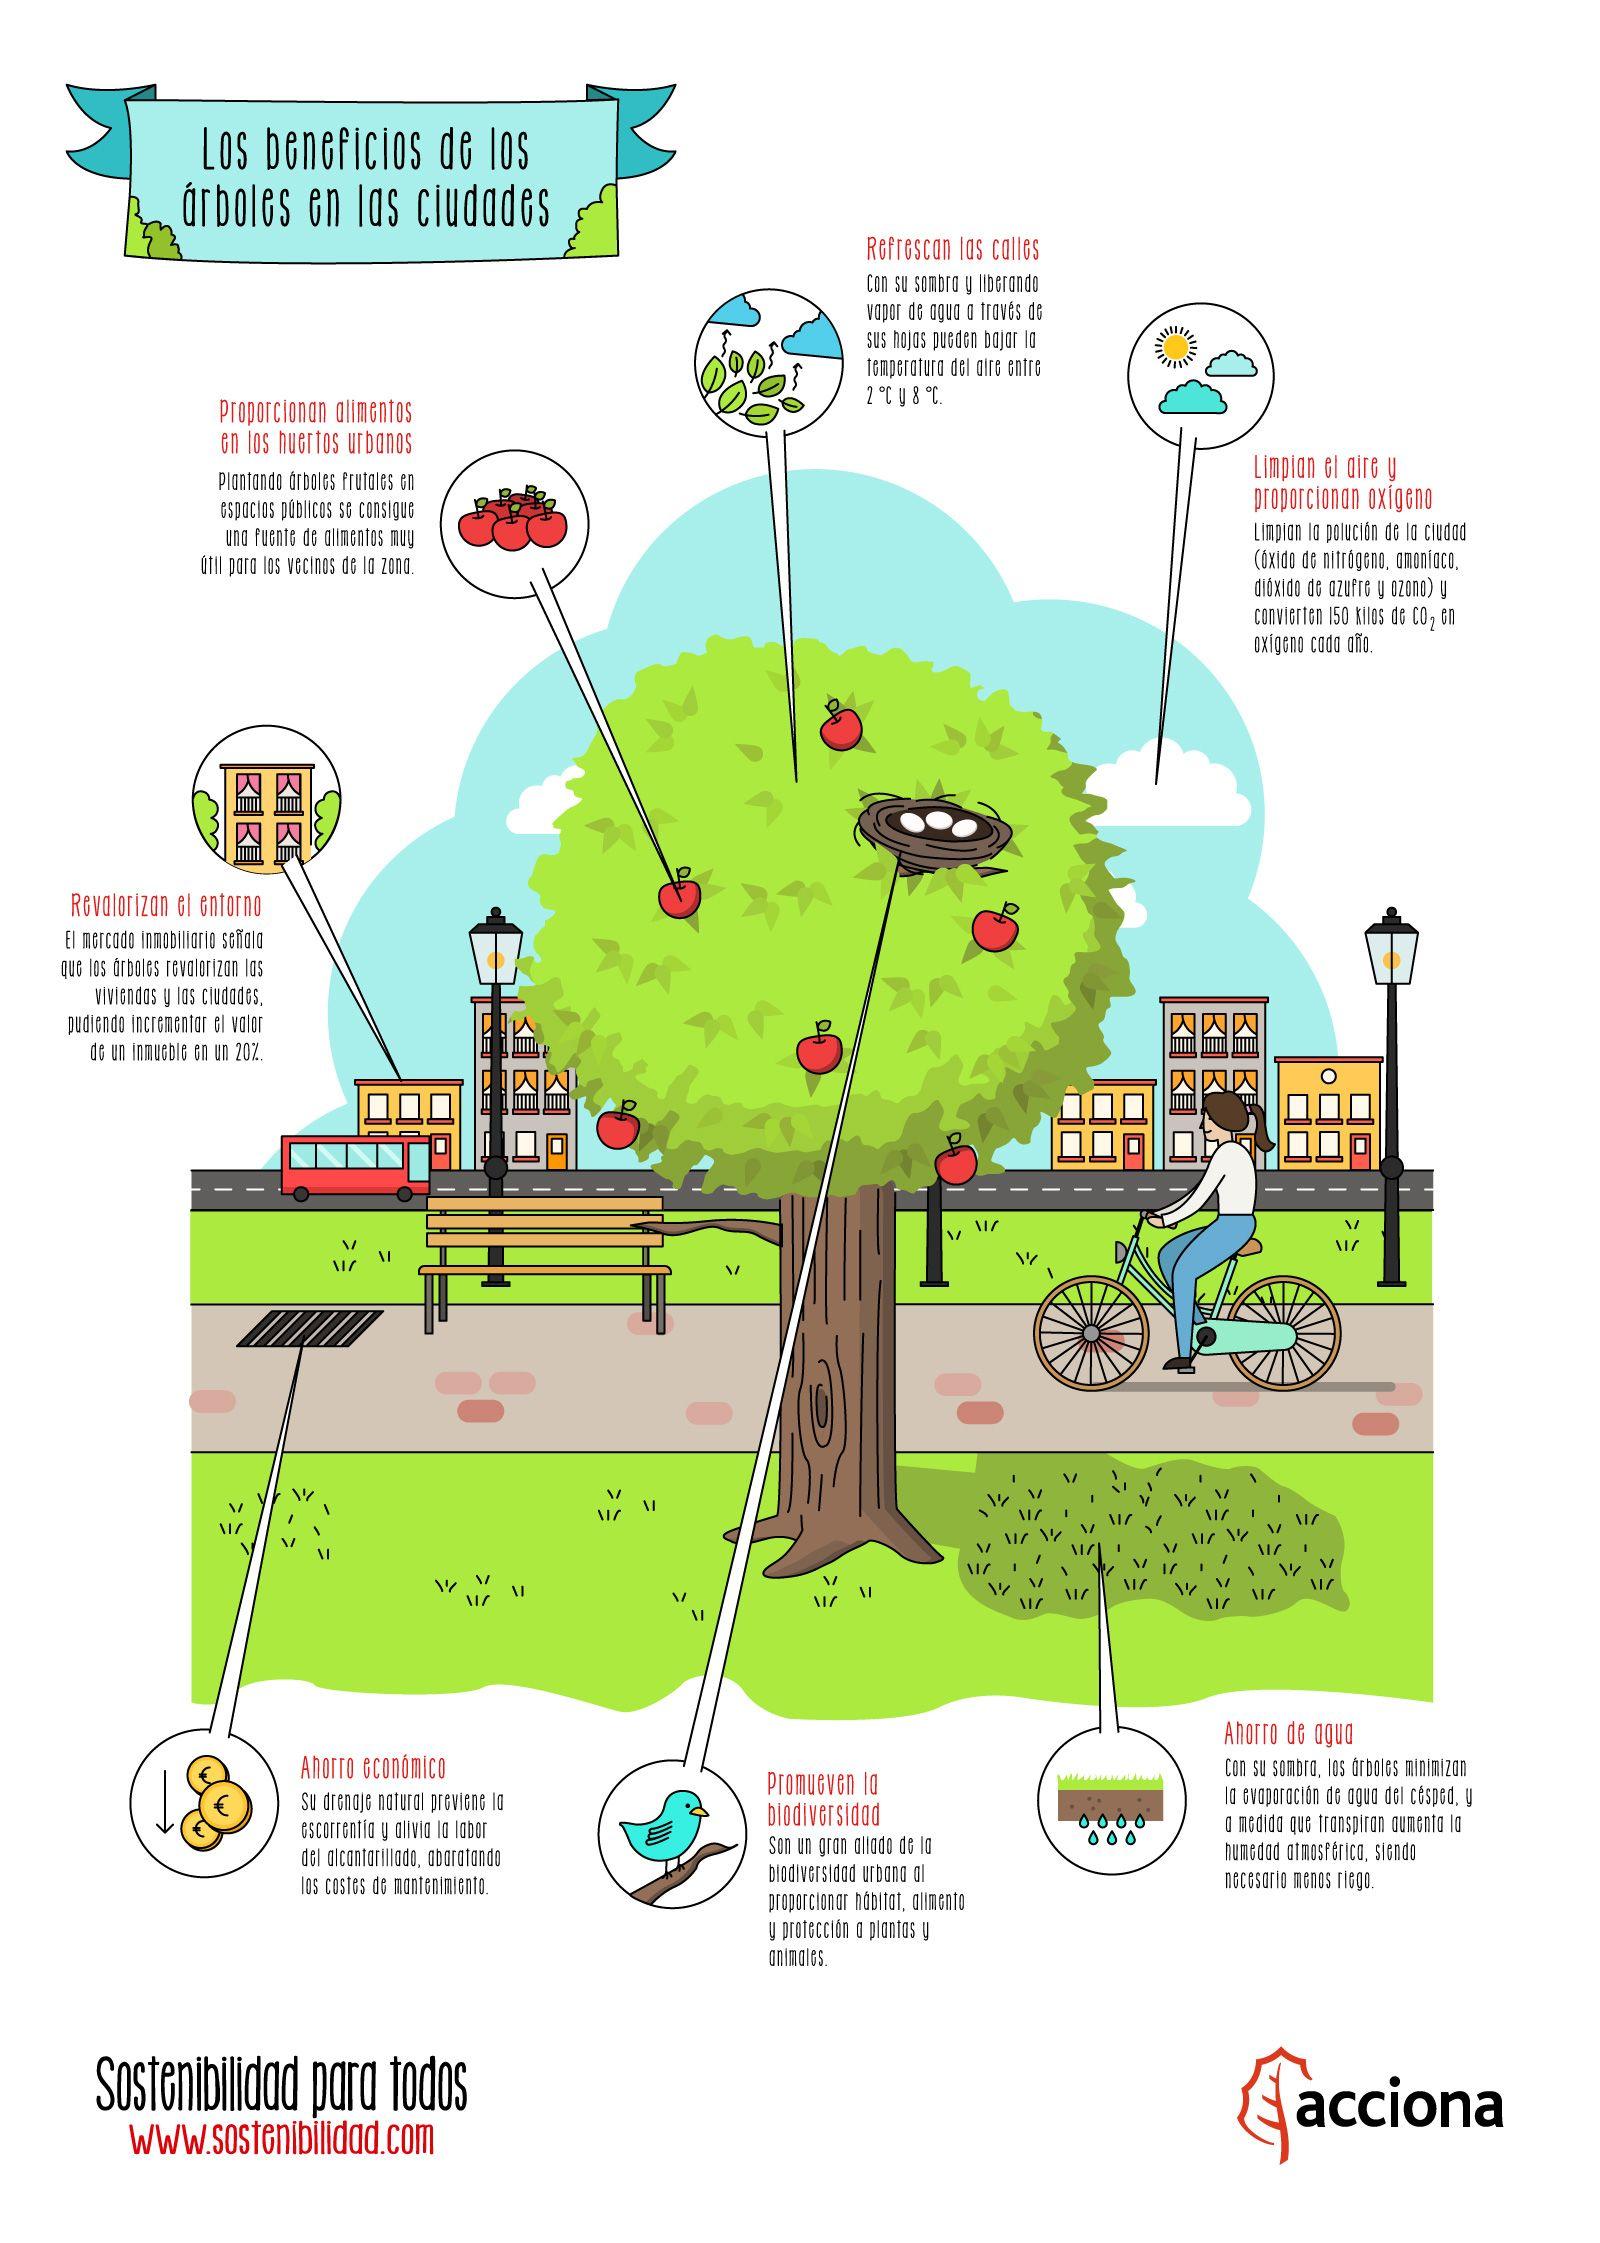 8 beneficios que proporciona el agua